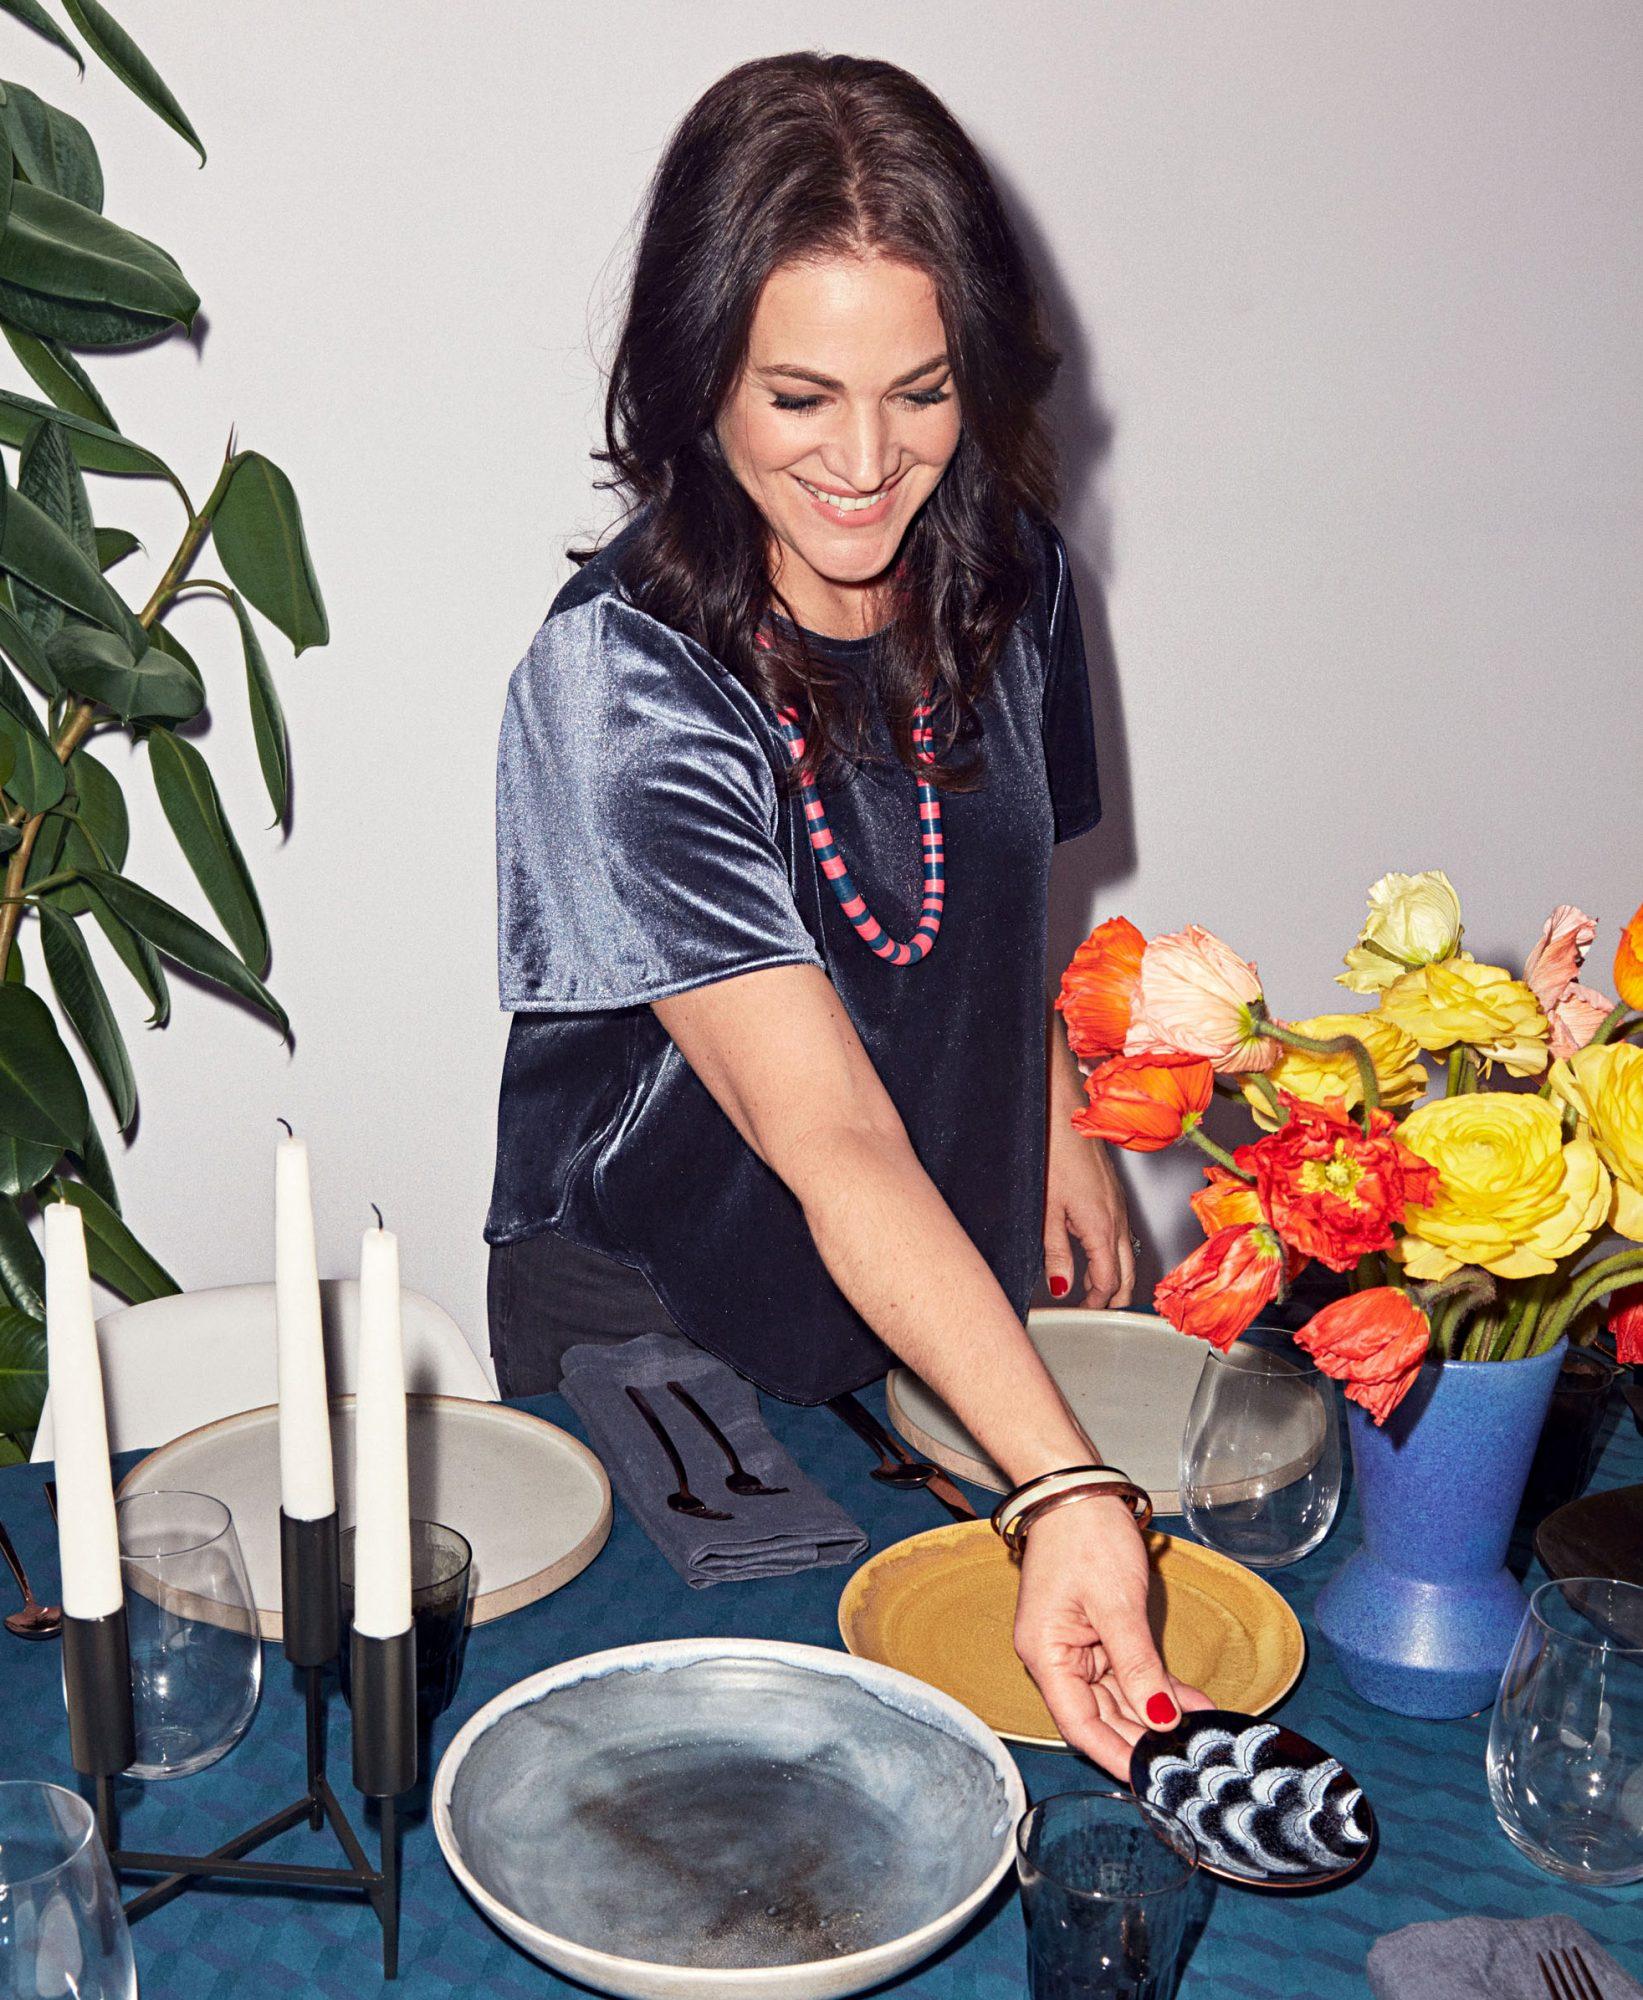 stylist megan hedgpeth setting table